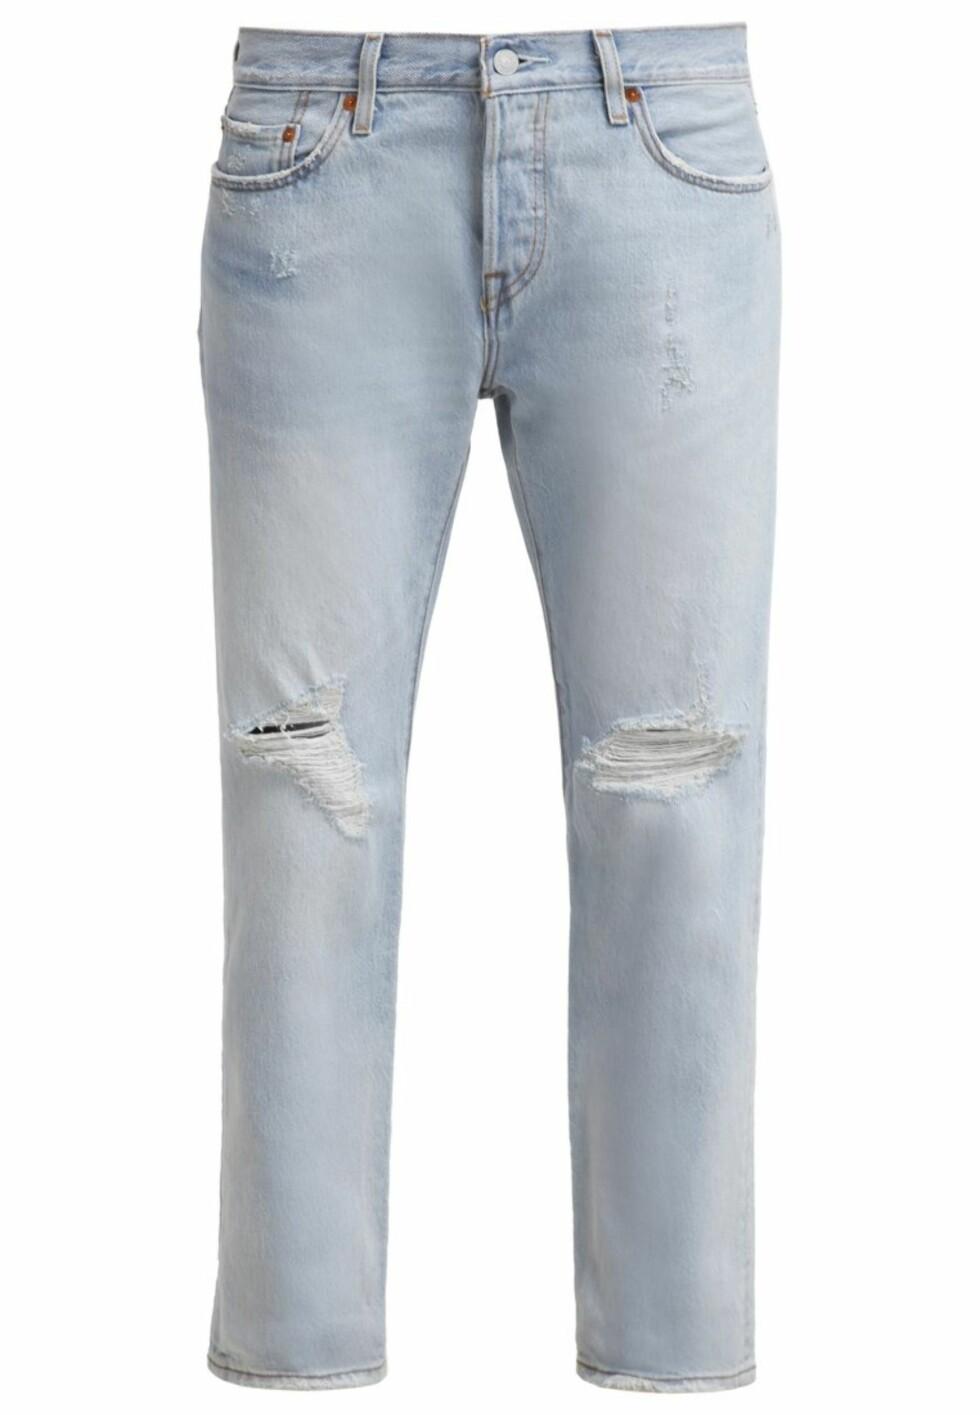 Jeans fra Levi's via Zalando.no, før kr 1095 - nå kr 769. Foto: Zalando.no